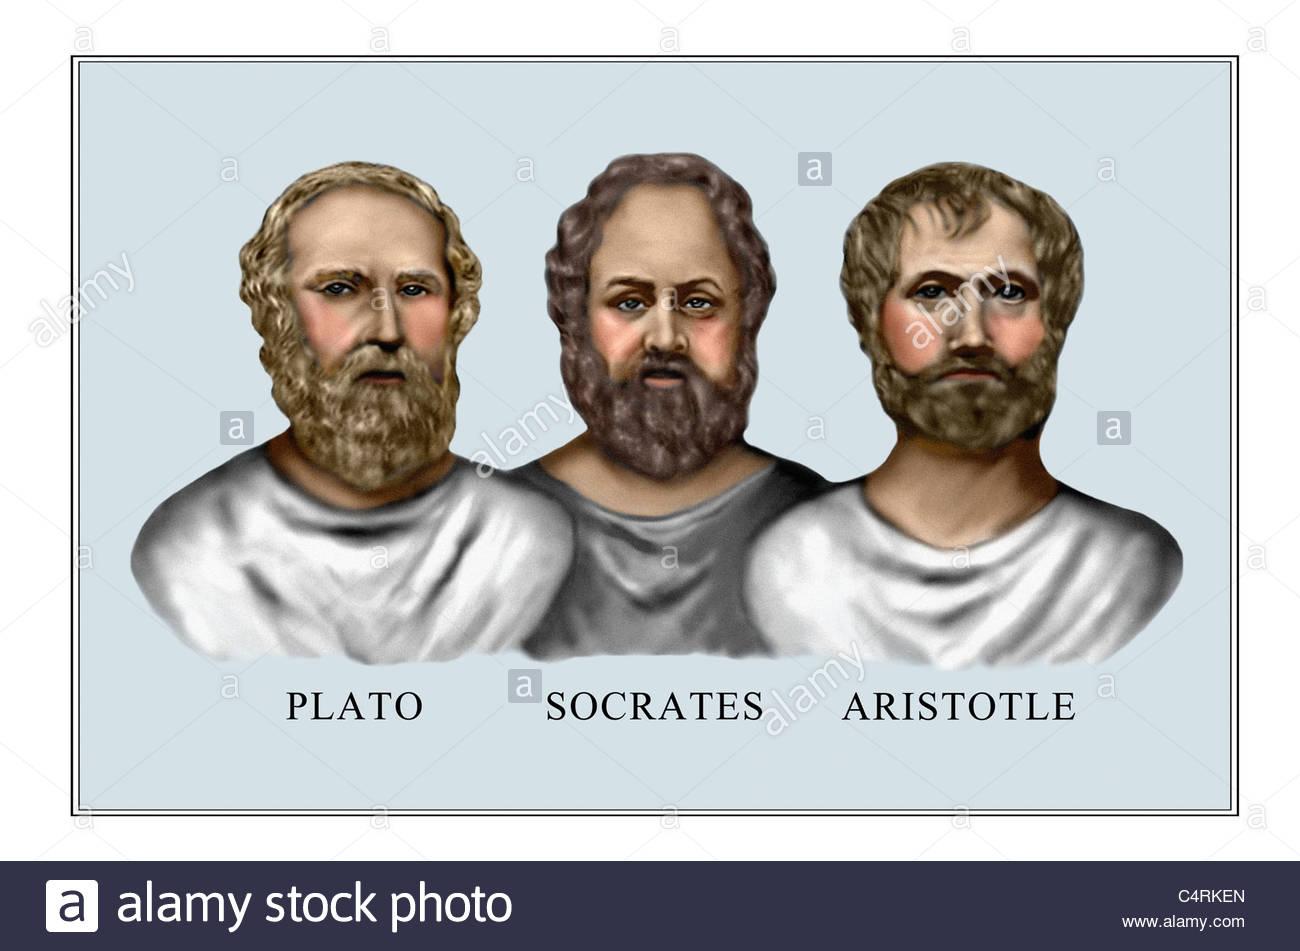 Aristotle Plato Socrates Classical Greek Philosophers